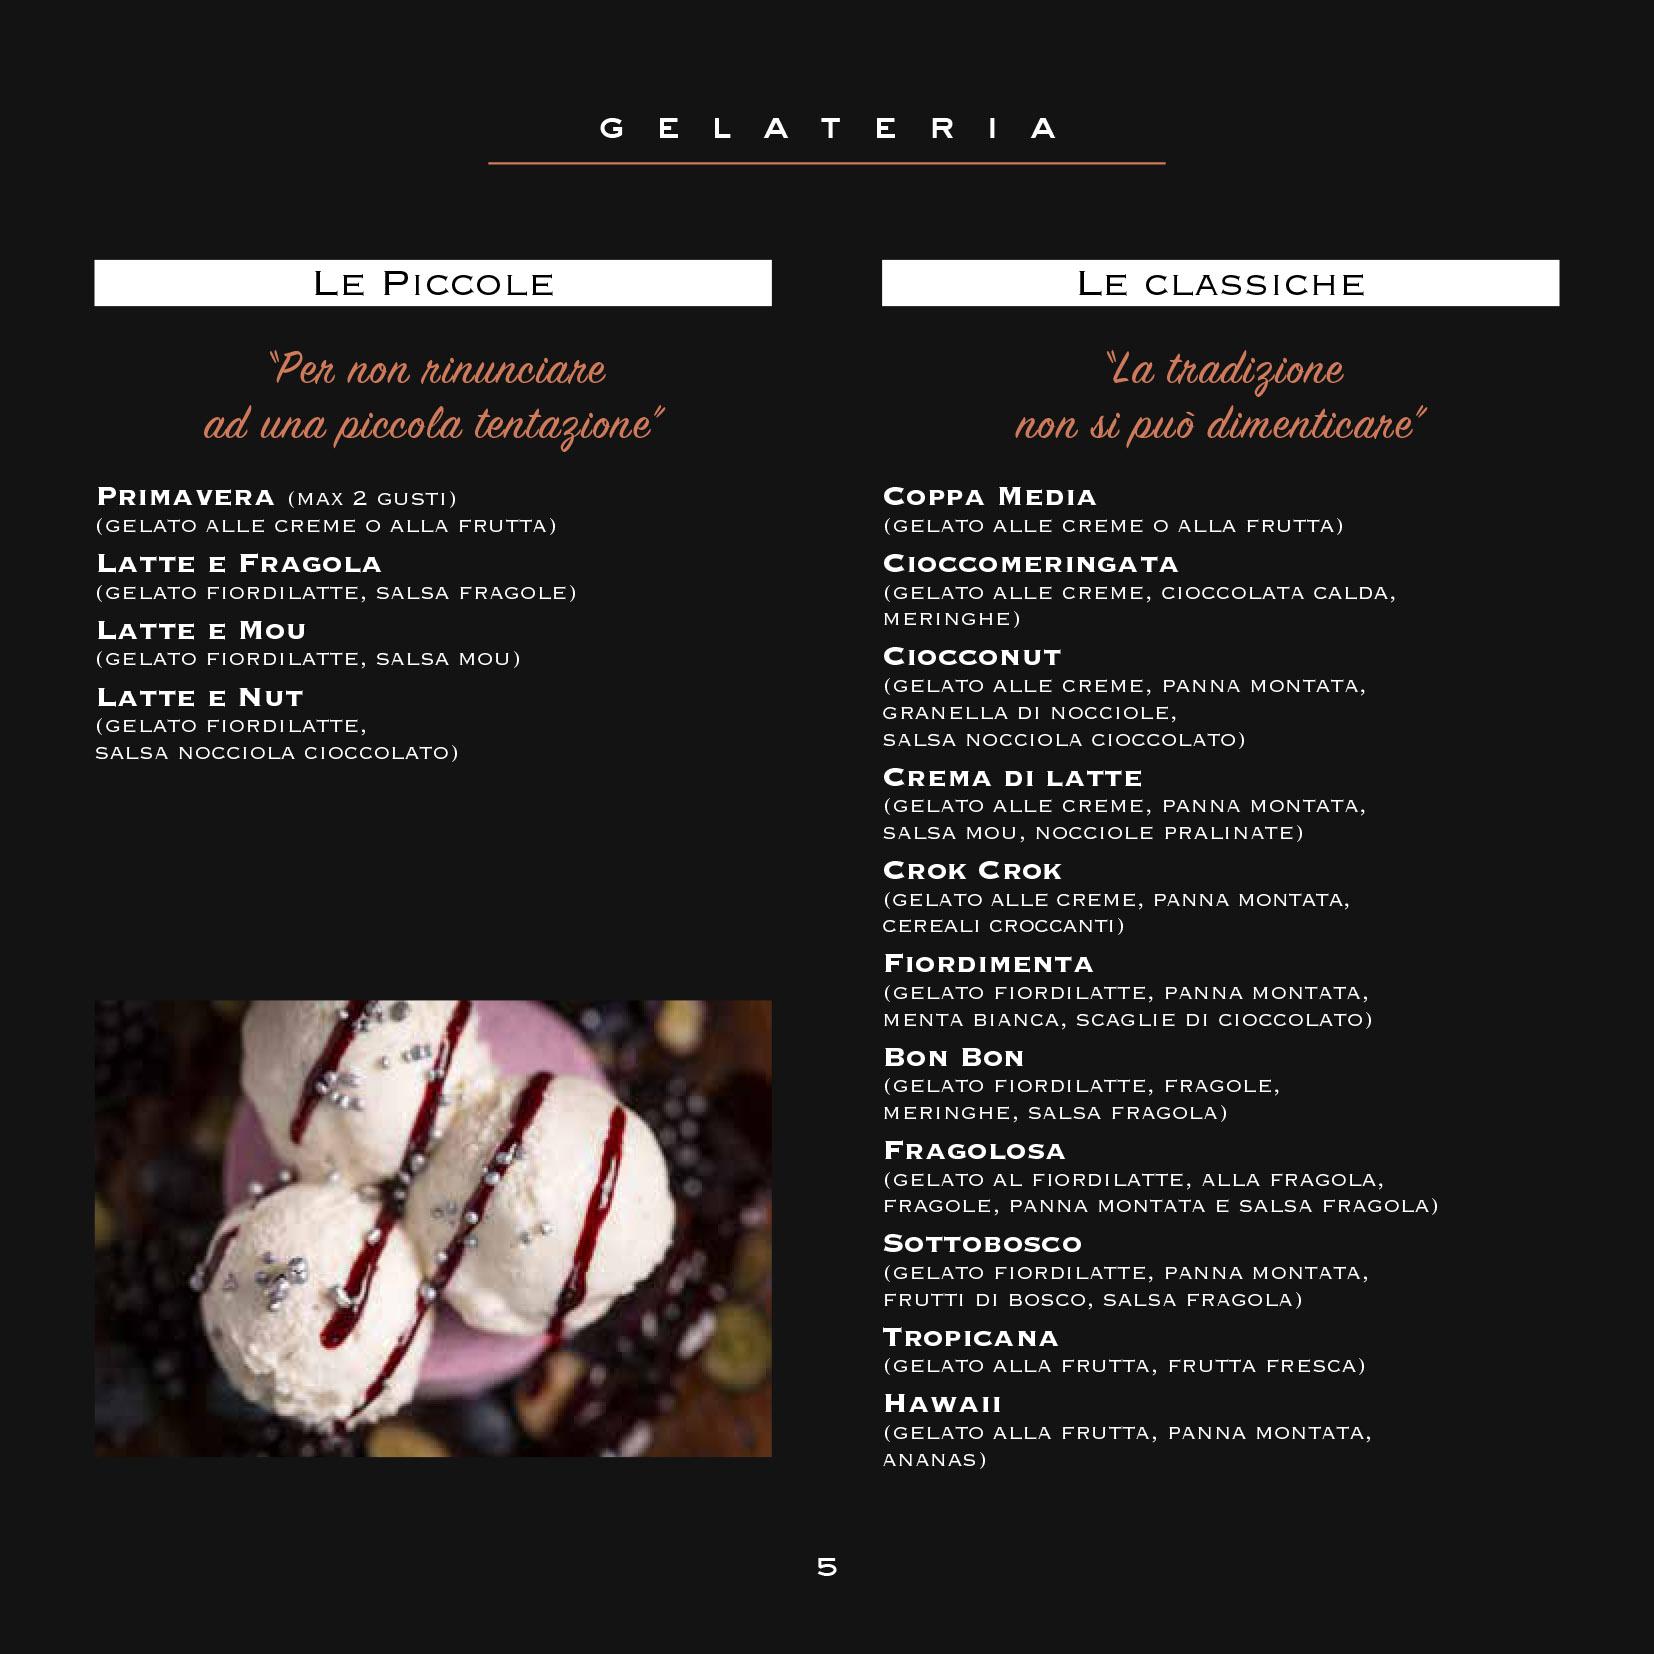 listino-2016-no-prezzi-5-copia